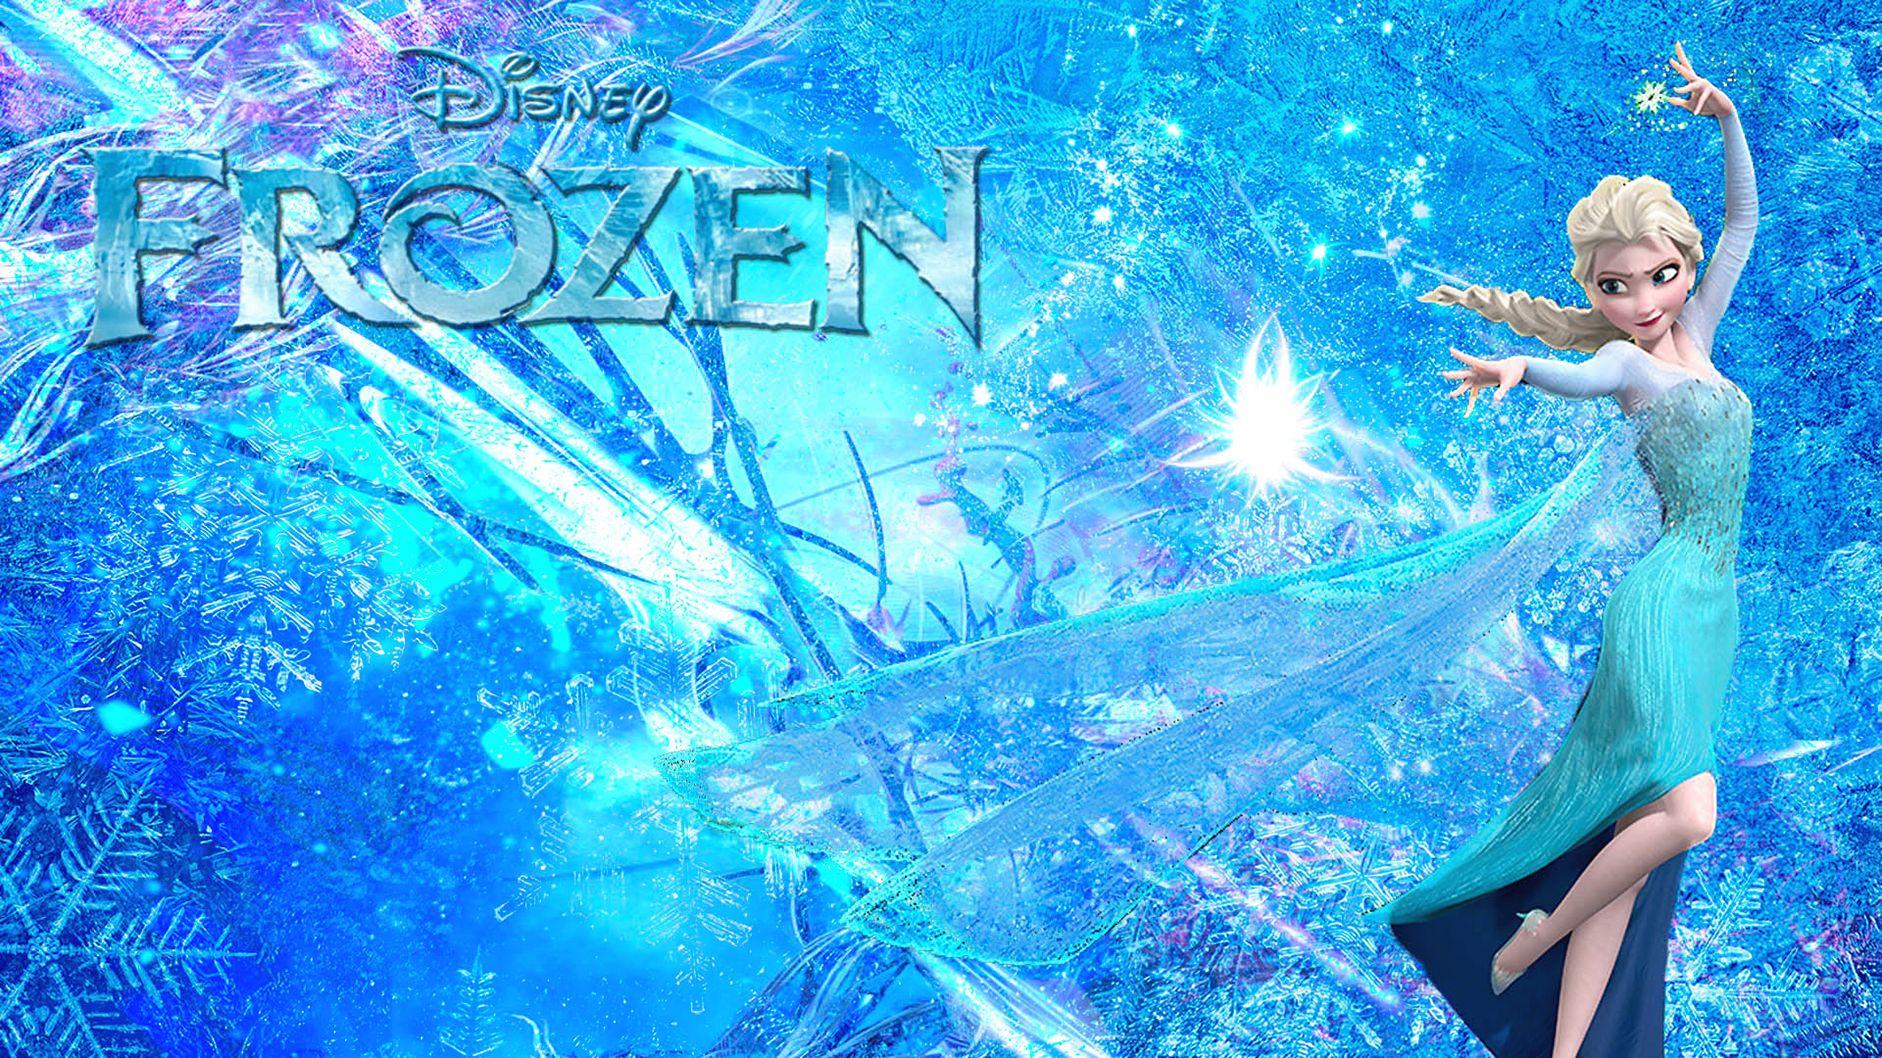 Sweet Frozen HD Wallpaper